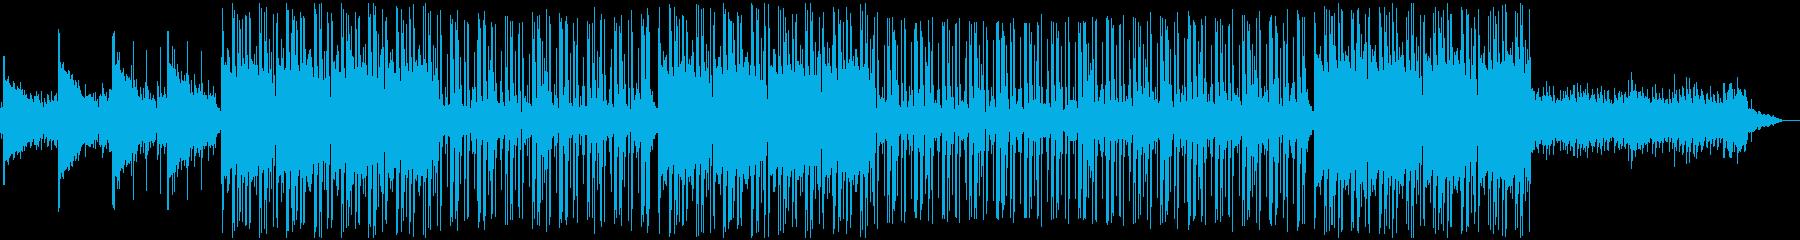 ラテン ダンス アップテンポ ビートの再生済みの波形